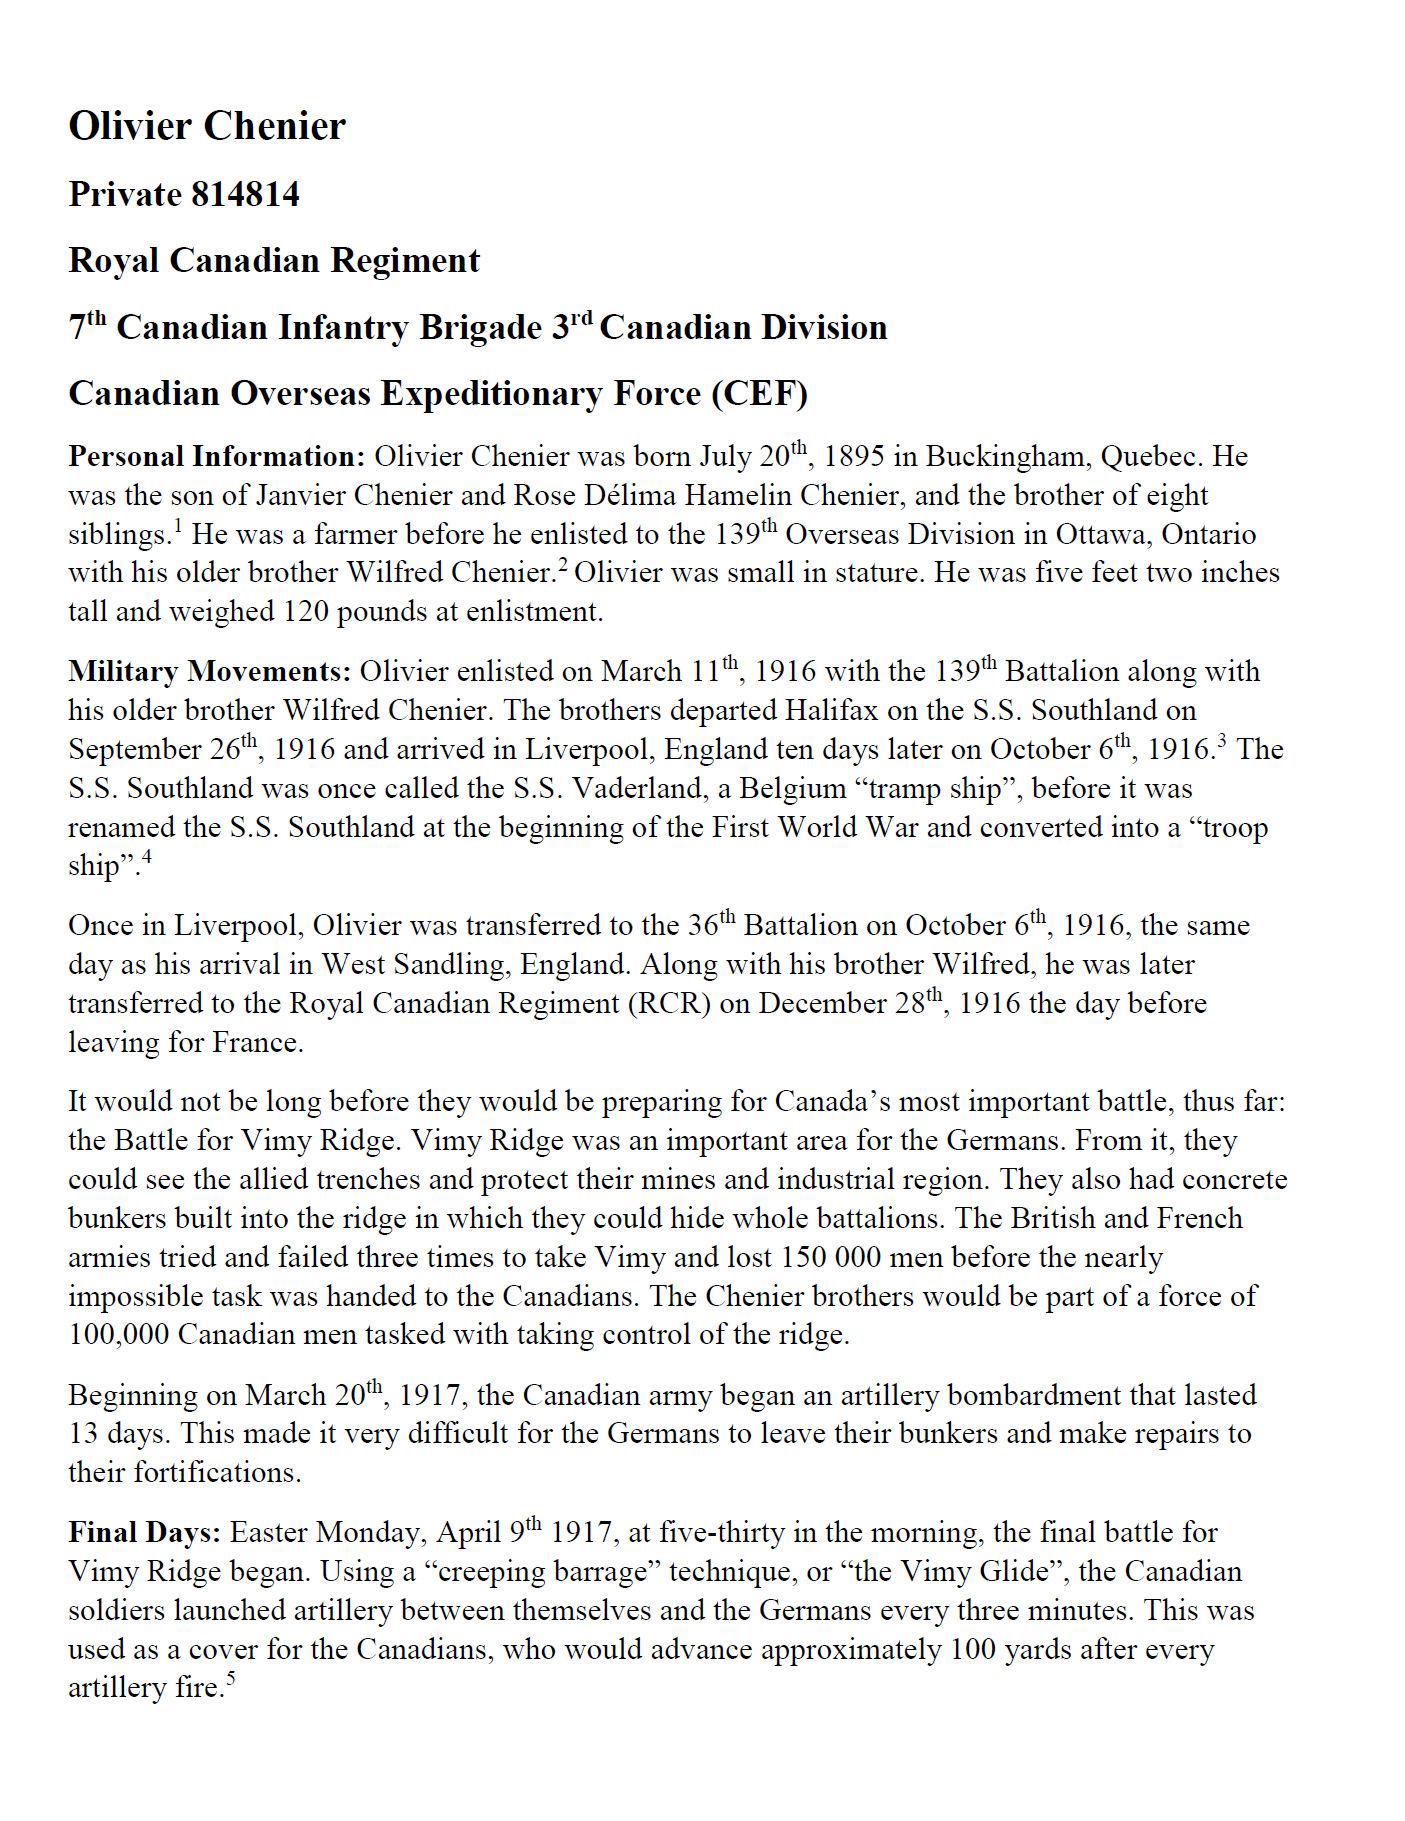 Essay (Page 1)